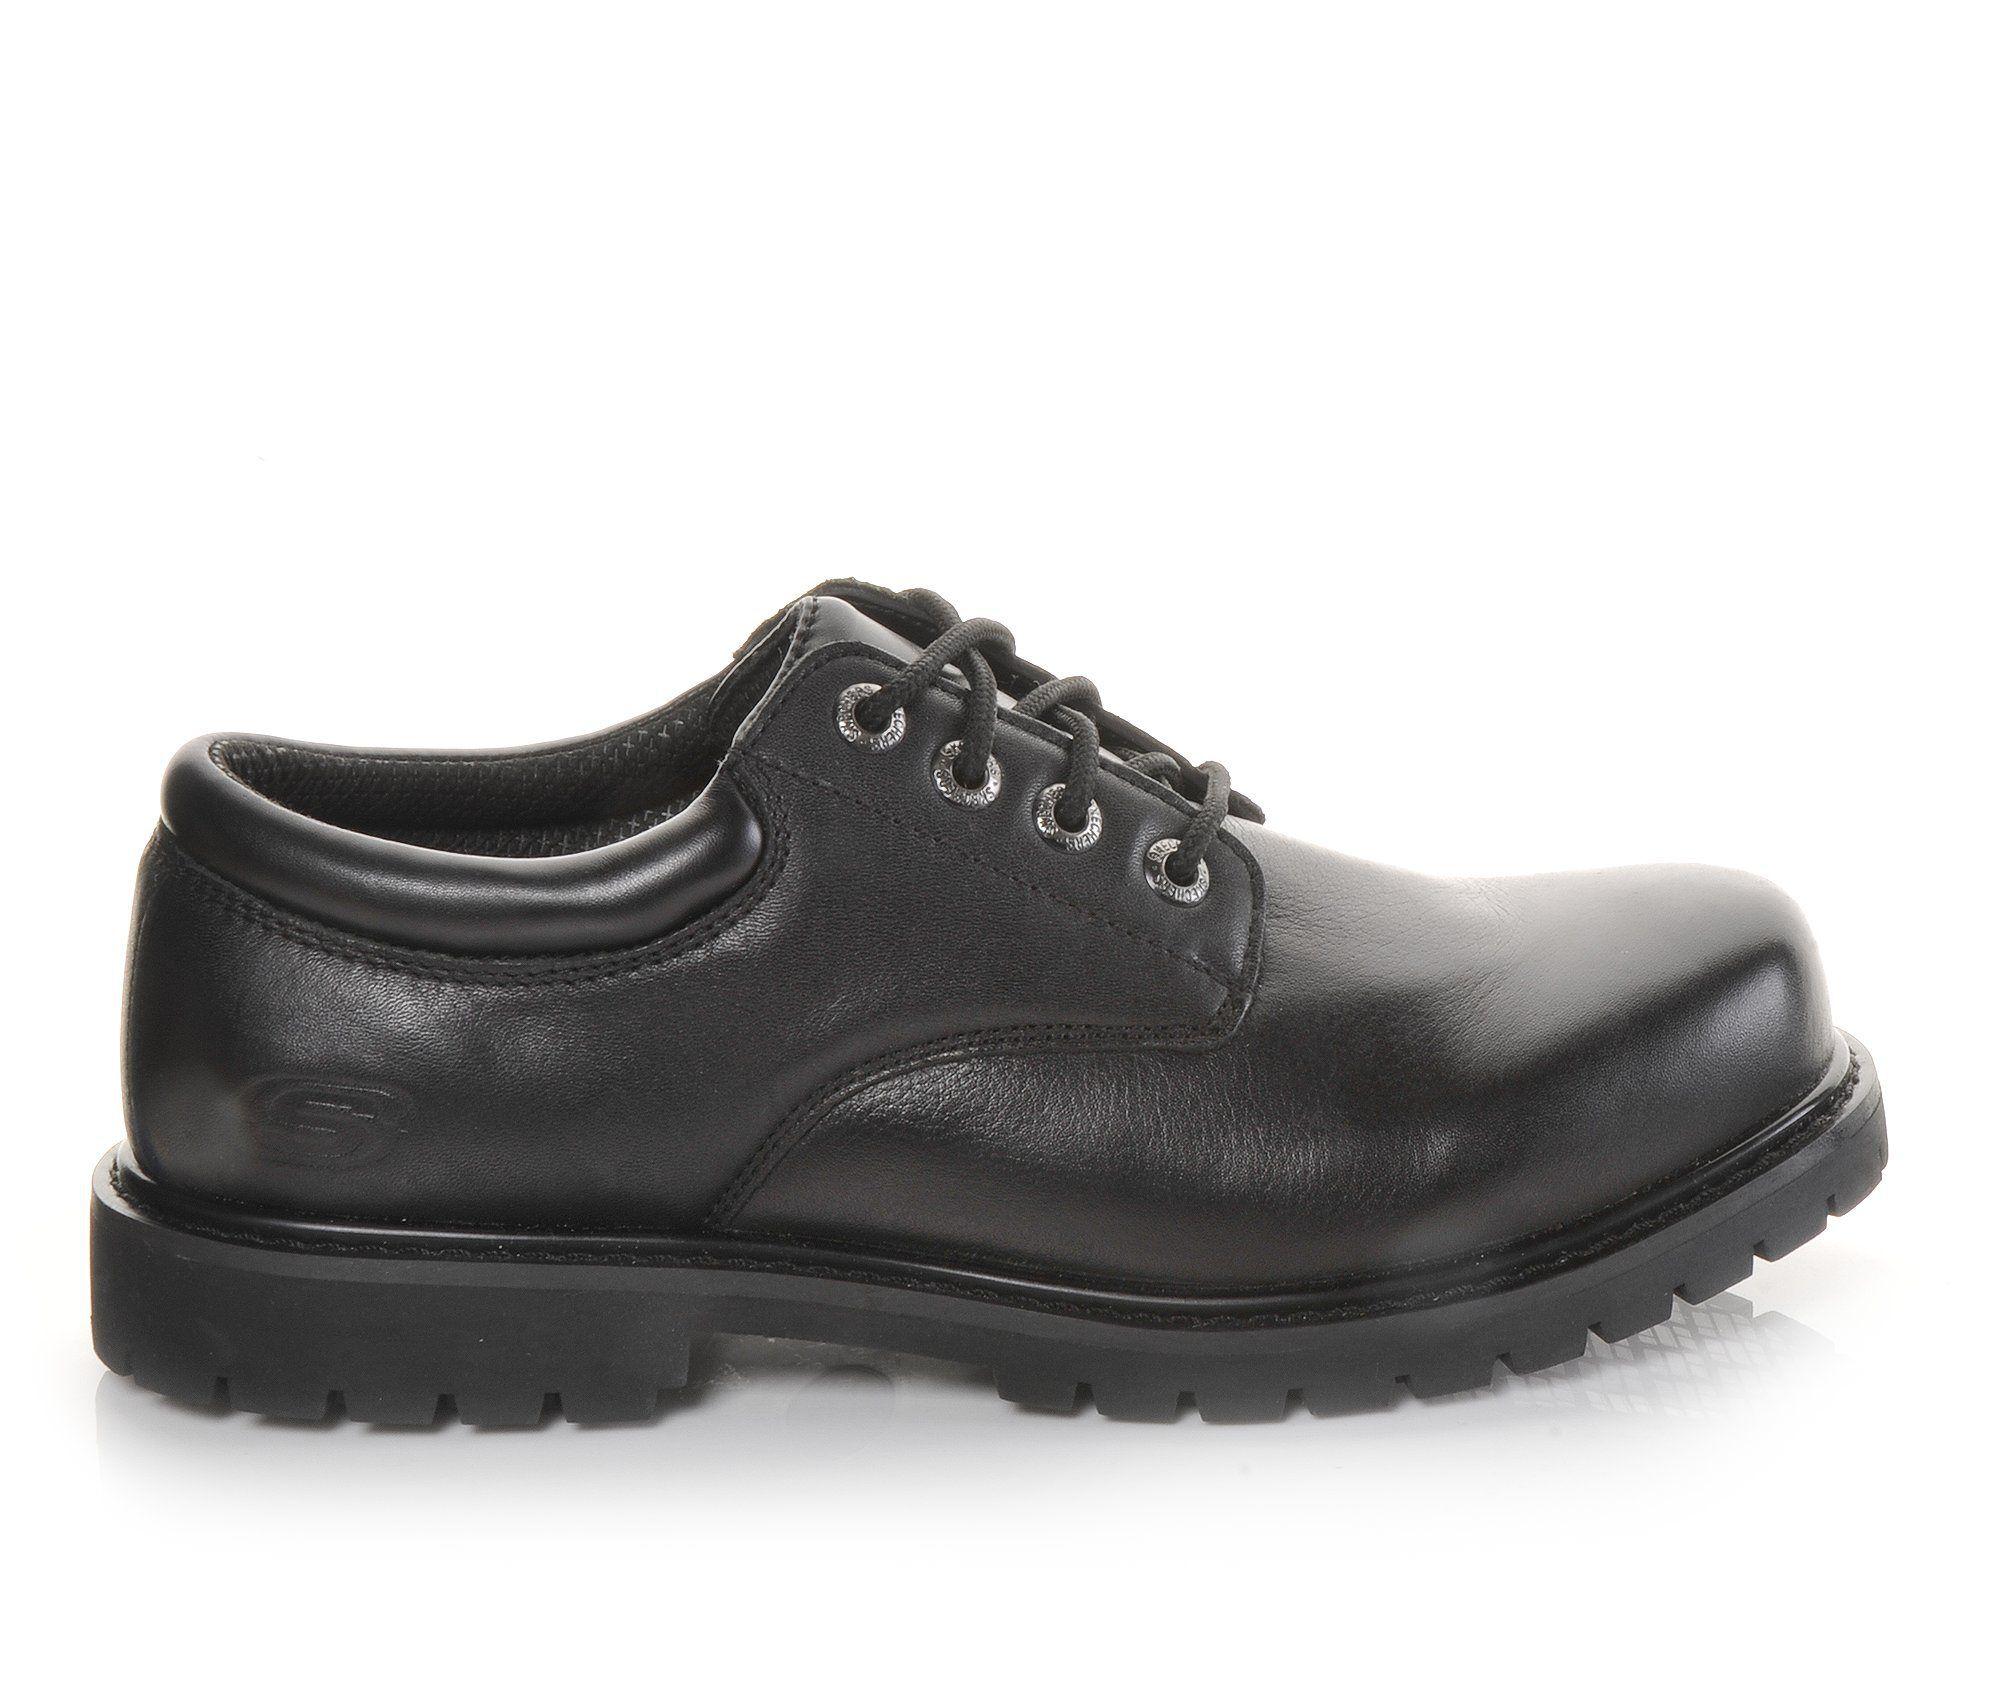 Men's Skechers Work Elks Slip Resistant 77041 Safety Shoes Black